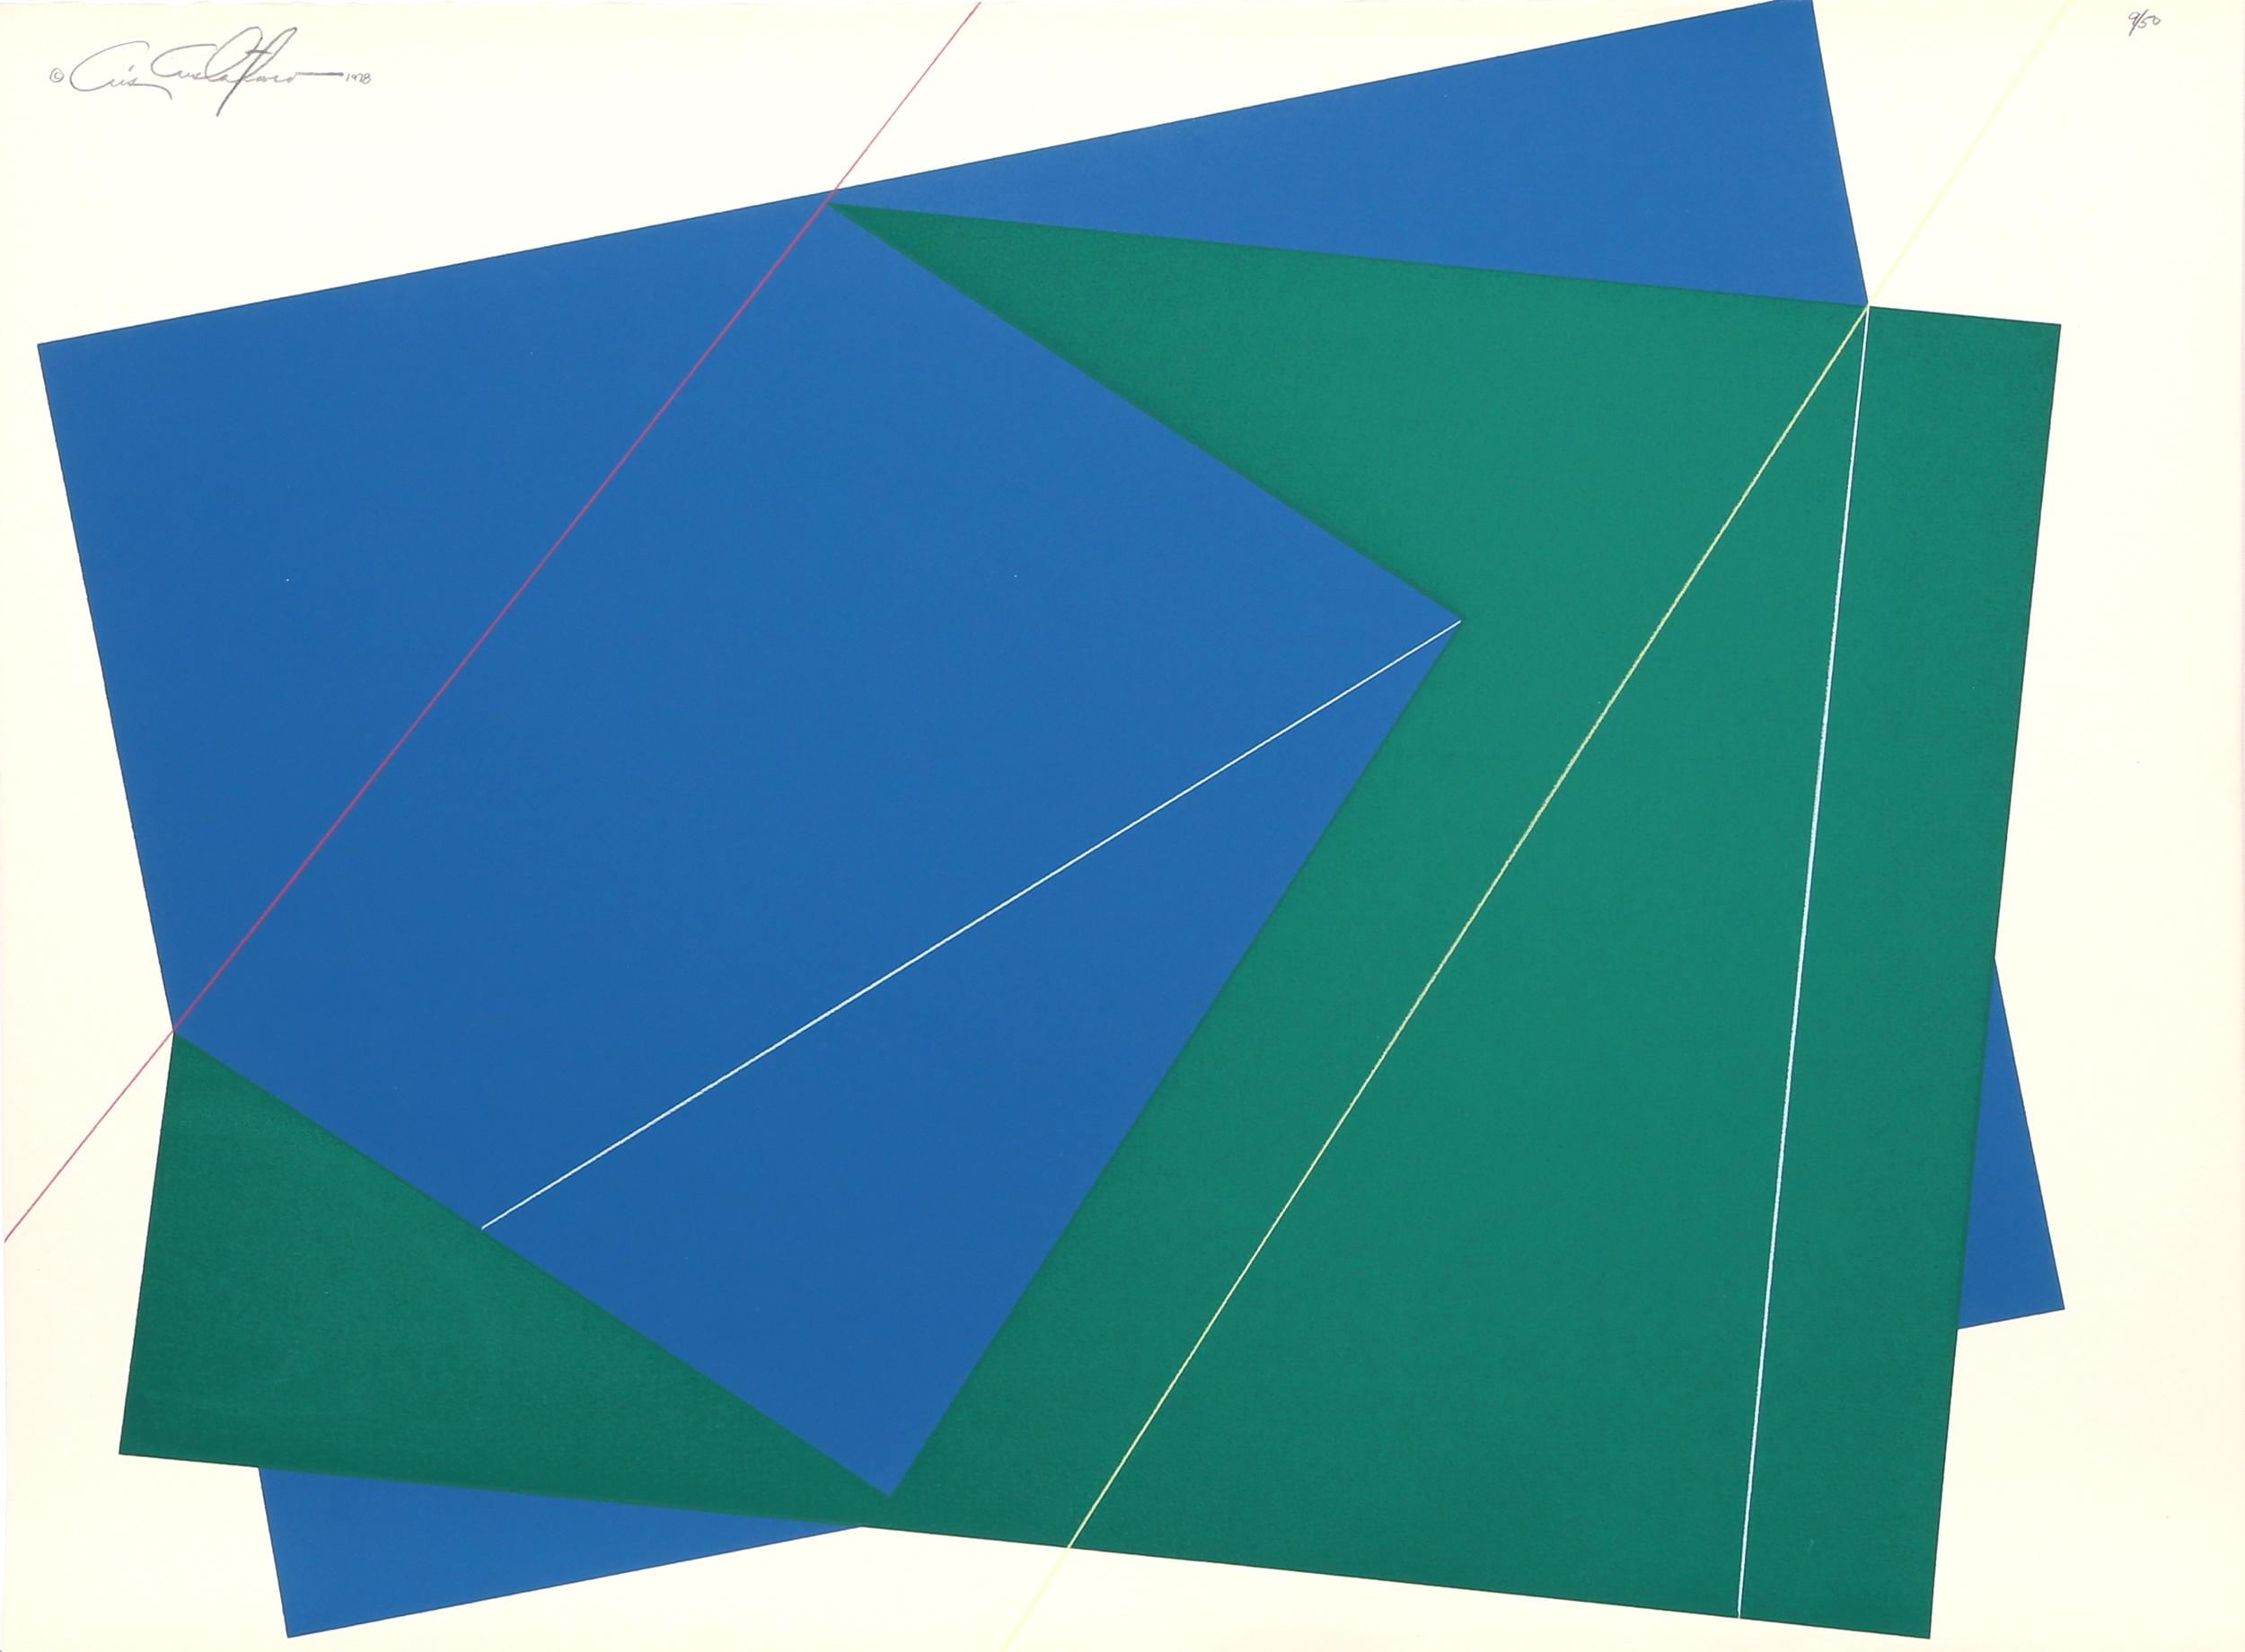 Cris Cristofaro, Green and Blue Rectangles, Silkscreen